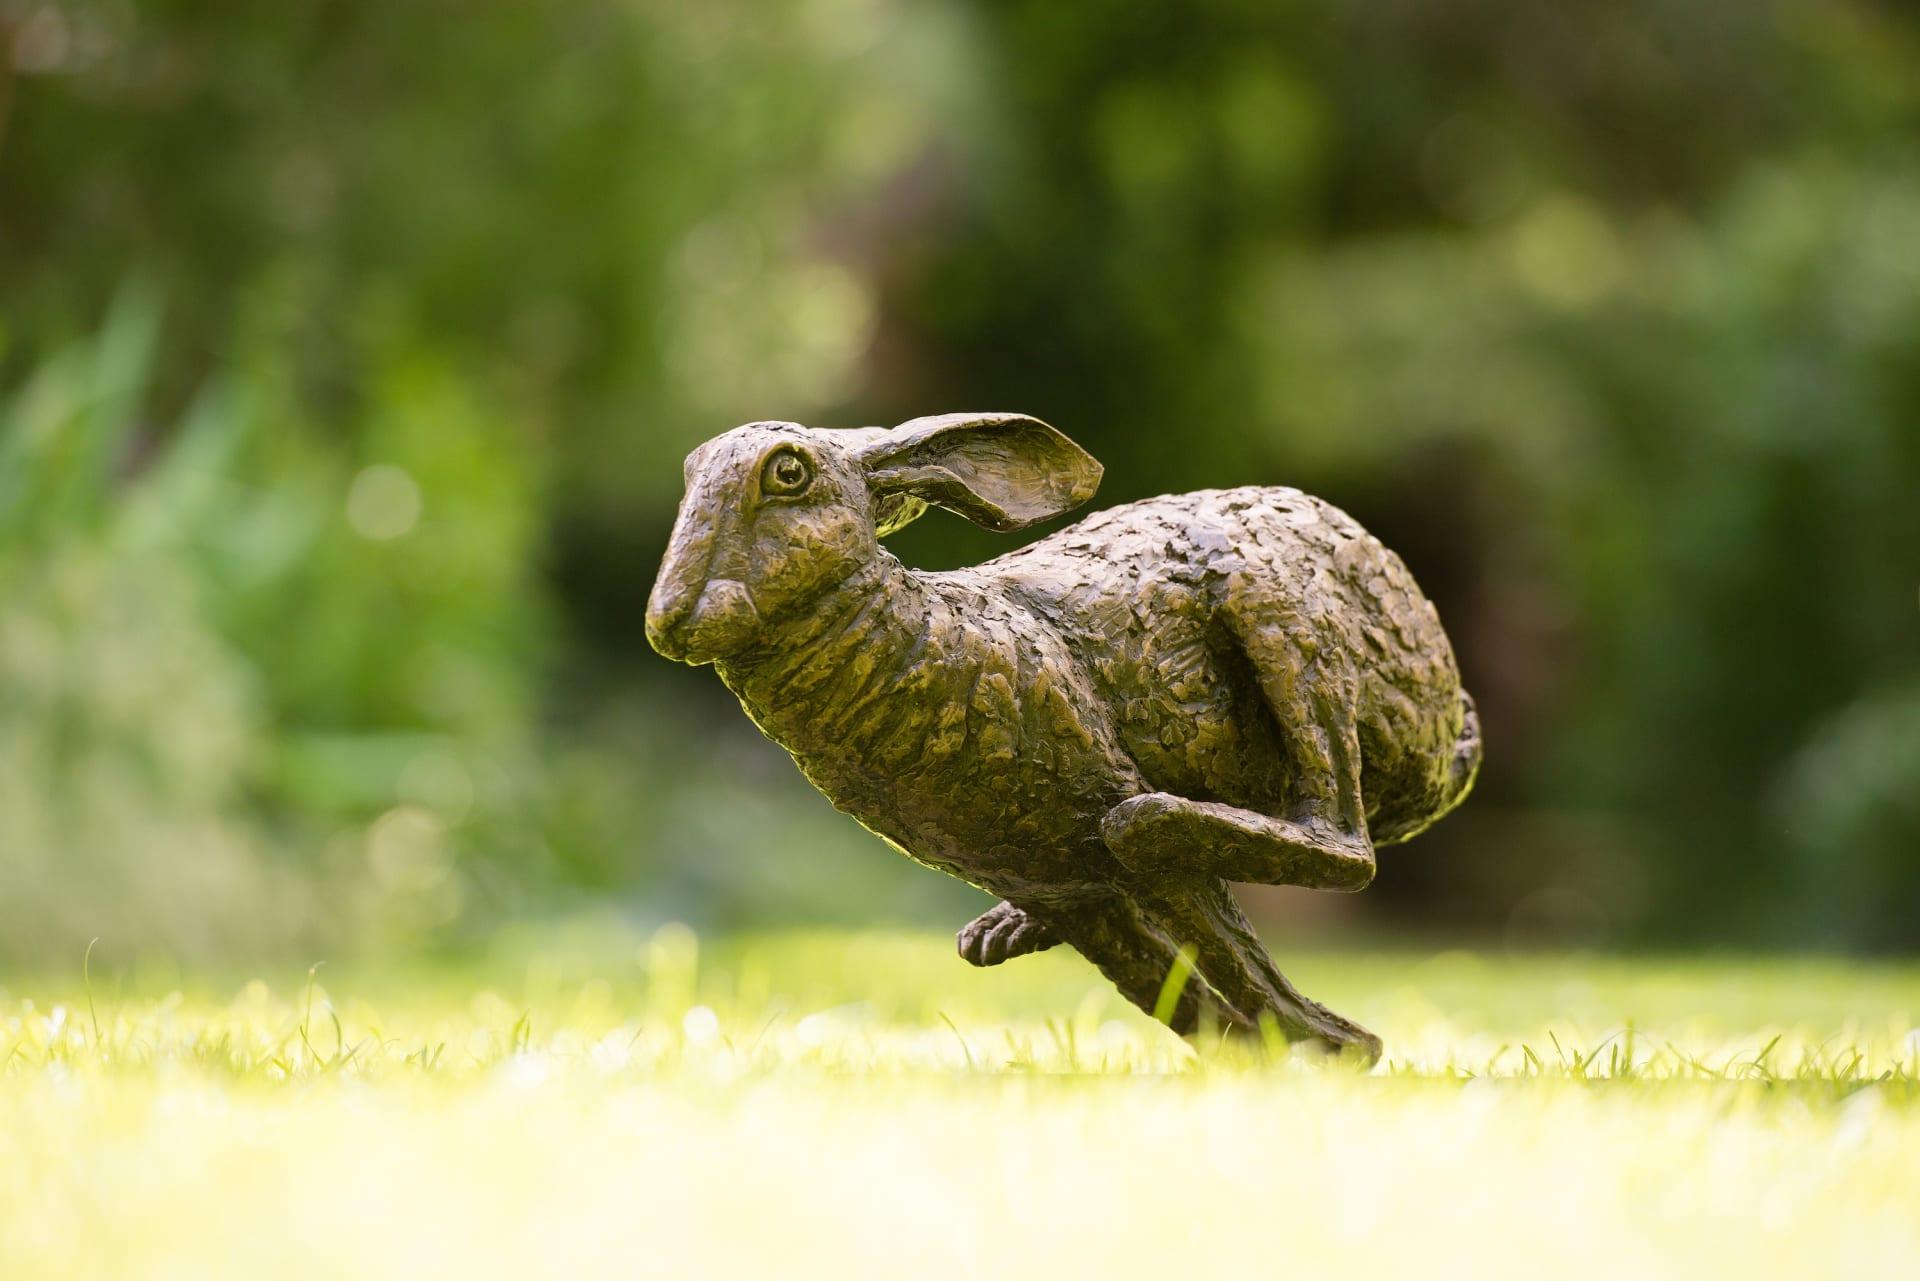 marie shepherd chasing hares female merenn